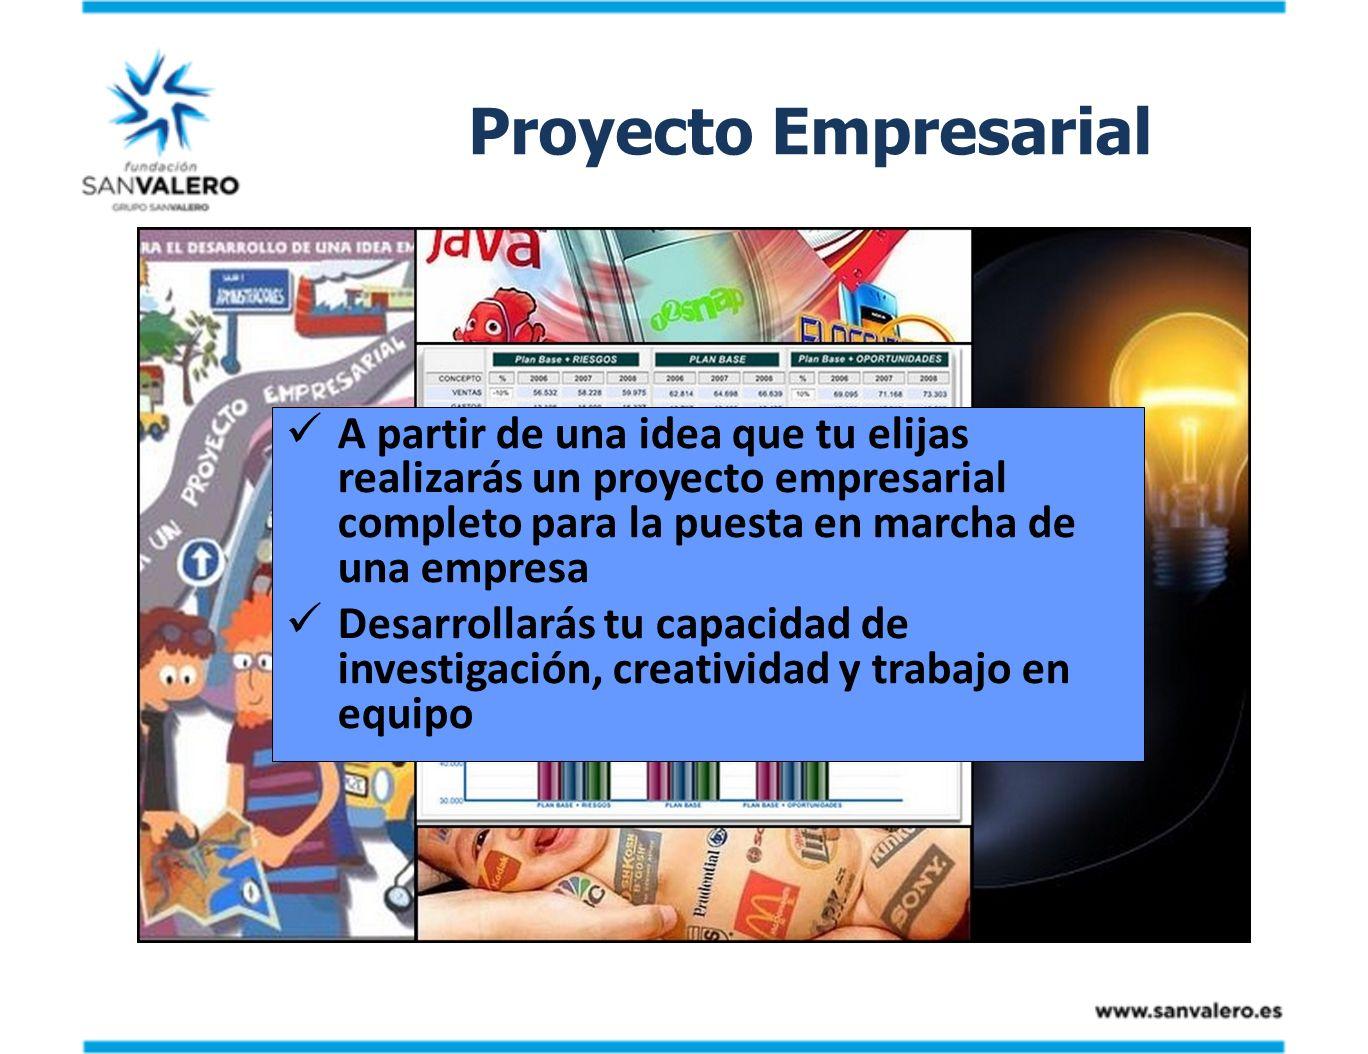 Proyecto Empresarial A partir de una idea que tu elijas realizarás un proyecto empresarial completo para la puesta en marcha de una empresa.